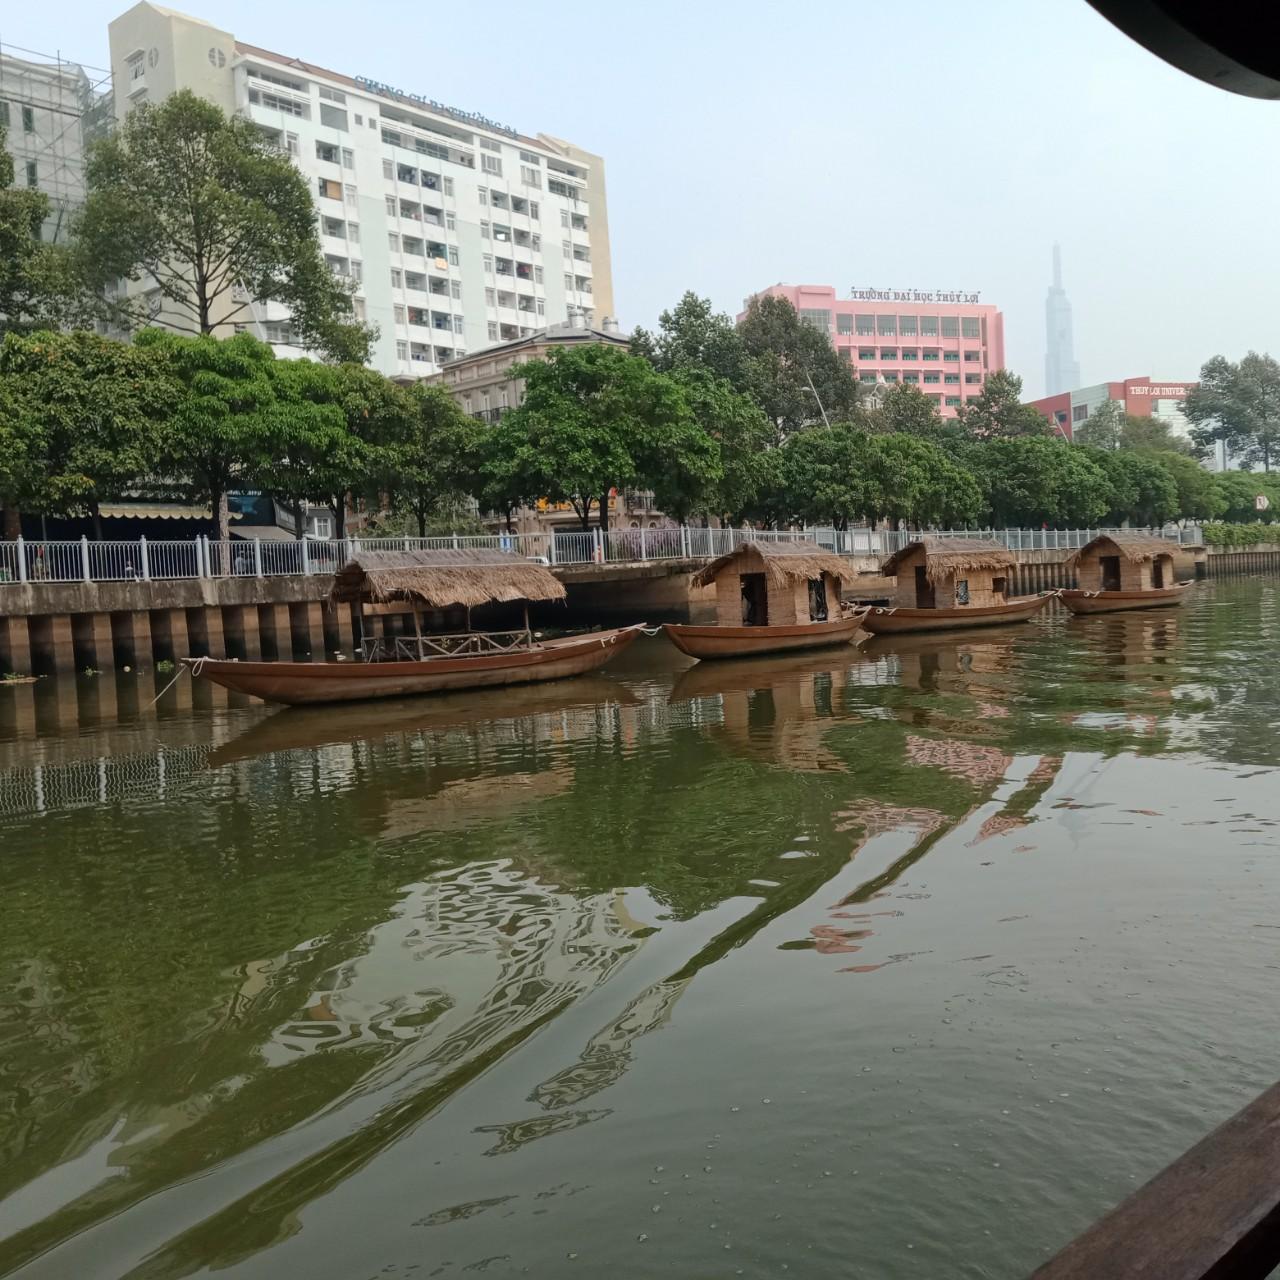 Dạo sông, ngắm những tòa nhà cao giữa sông nước mênh mang, bỗng thấy mình như bé lại